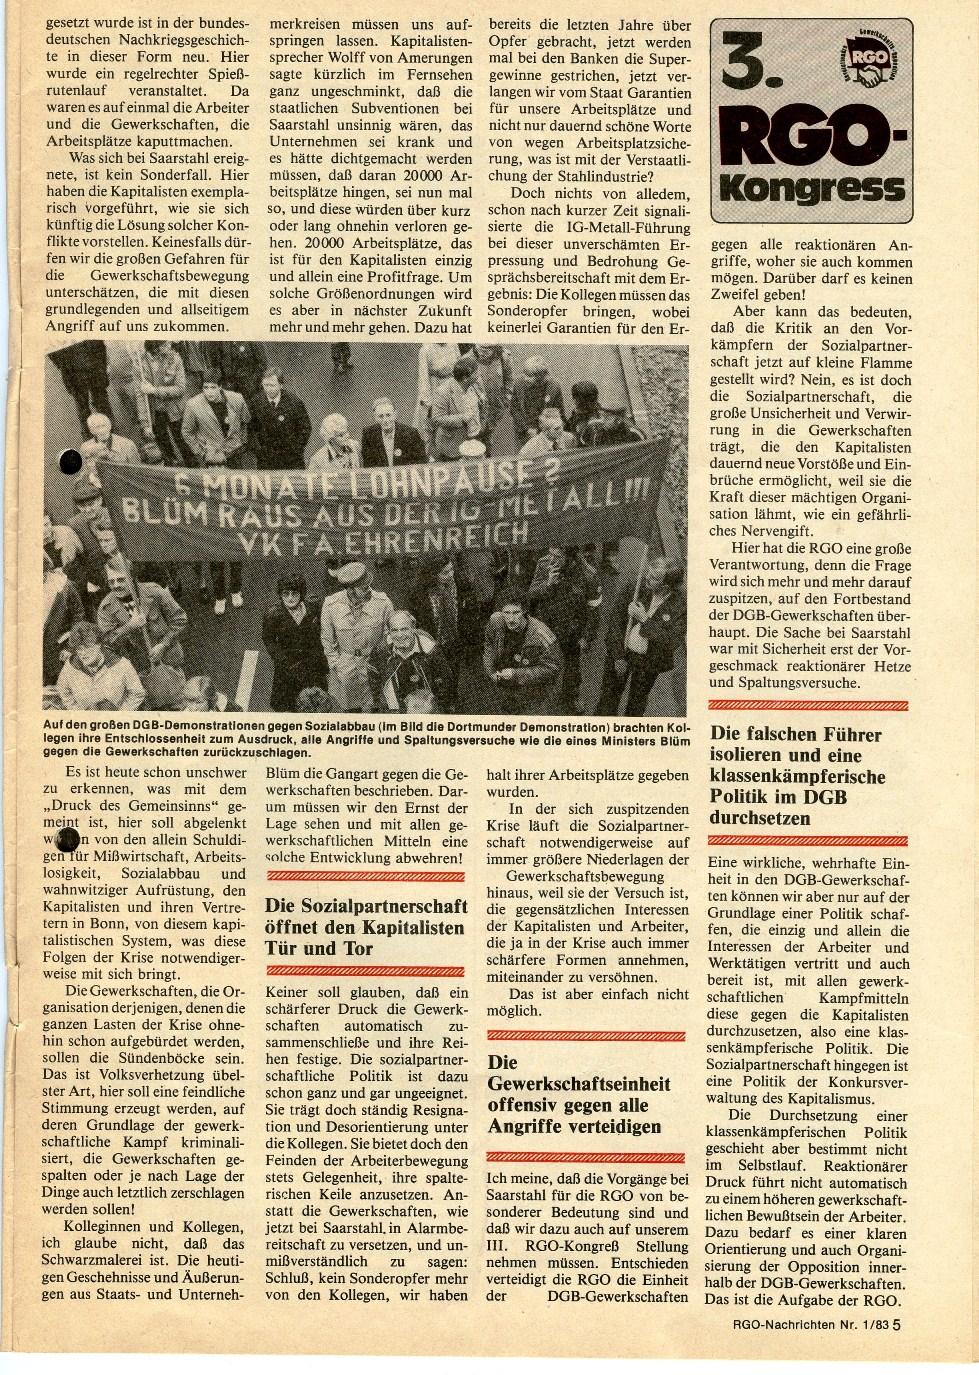 RGO_RGO_Nachrichten_1983_01_05